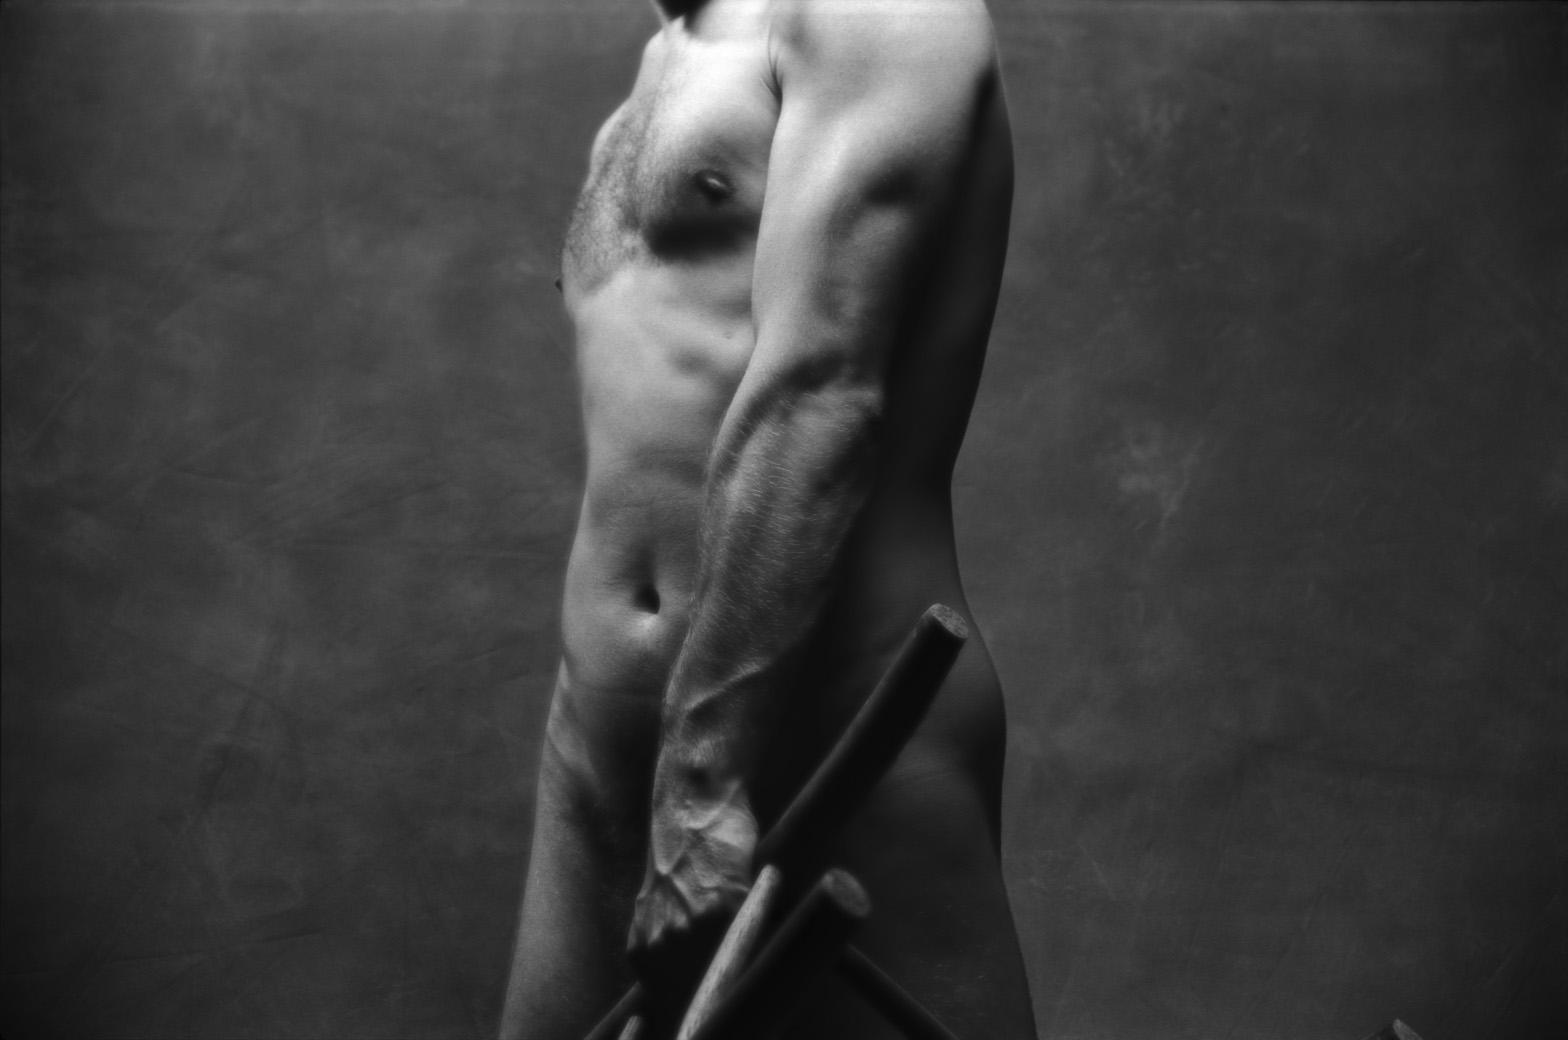 Are Black male nude photography congratulate